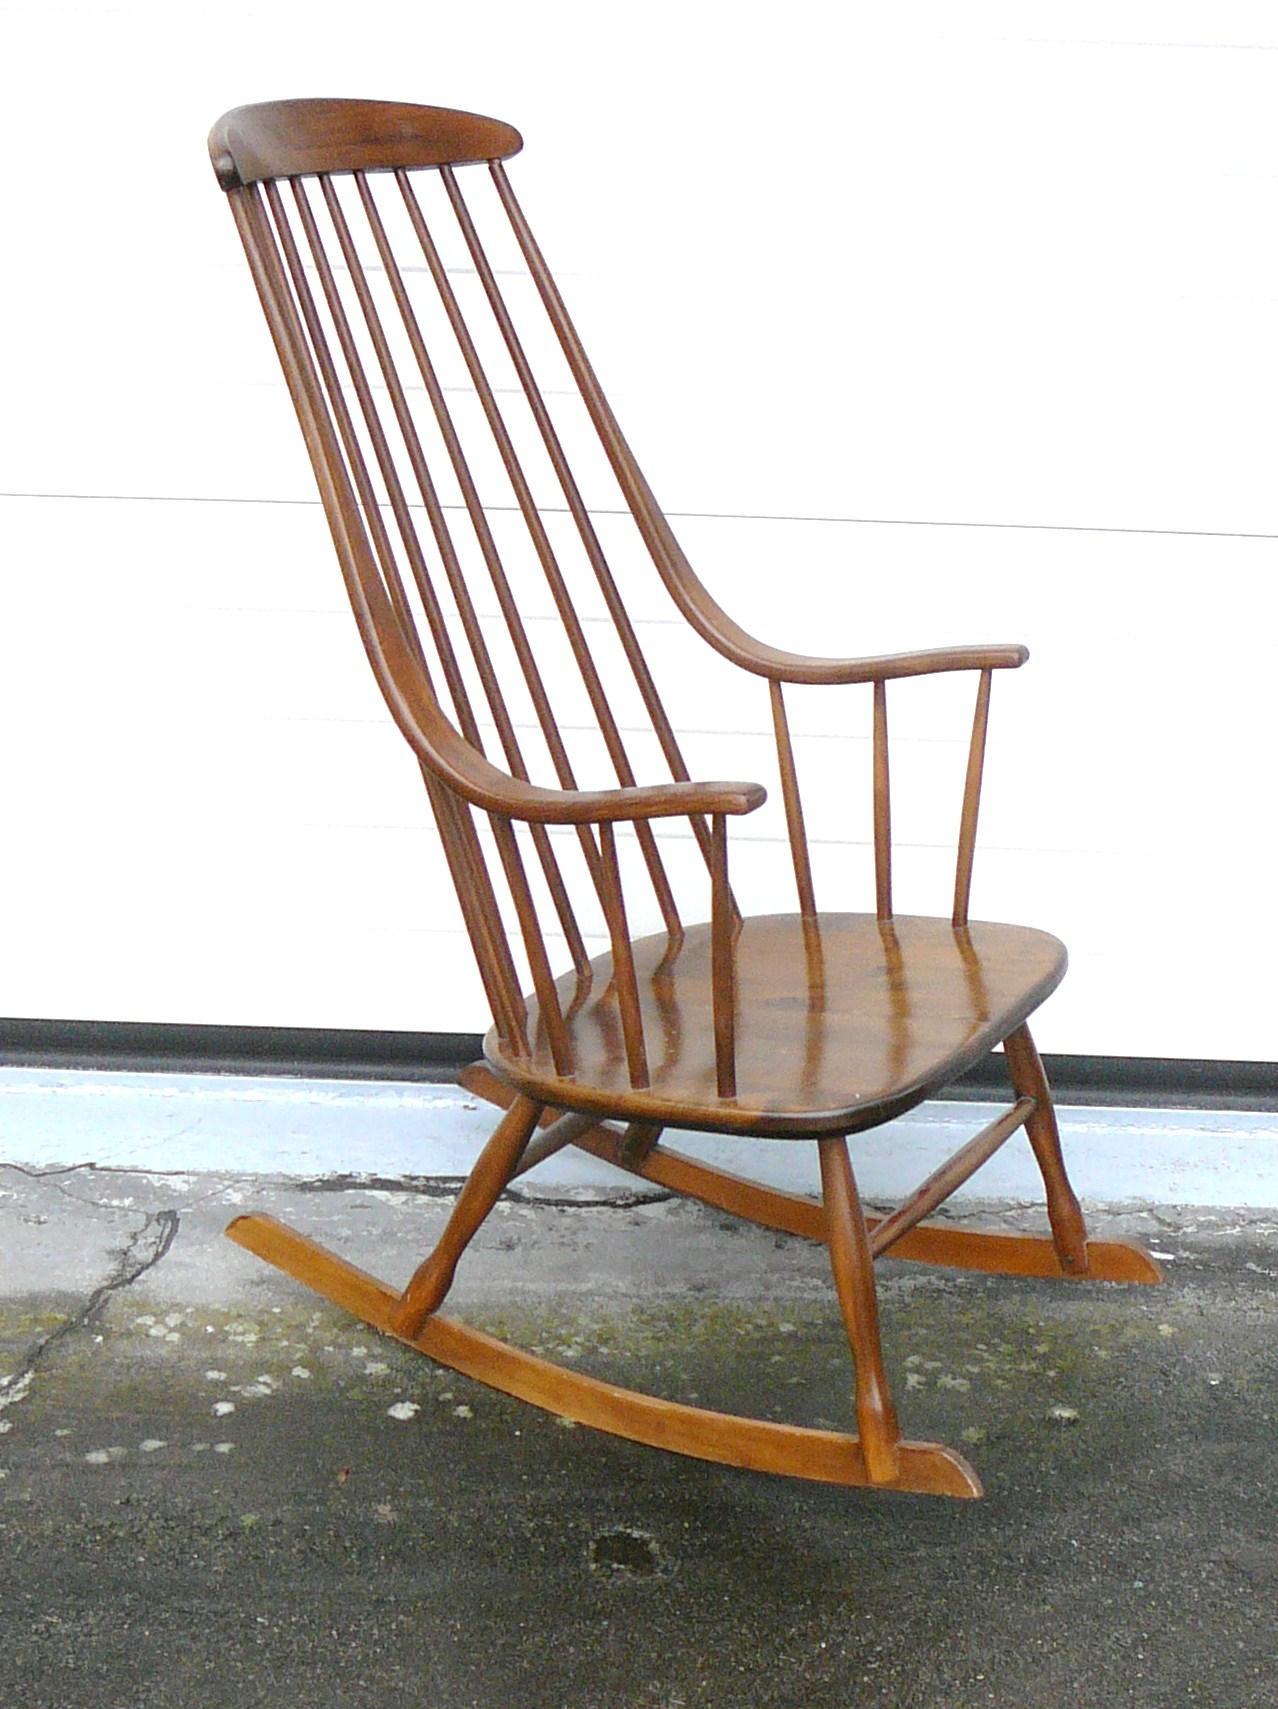 G nstig online kaufen und verkaufen in der for Gebrauchter schaukelstuhl